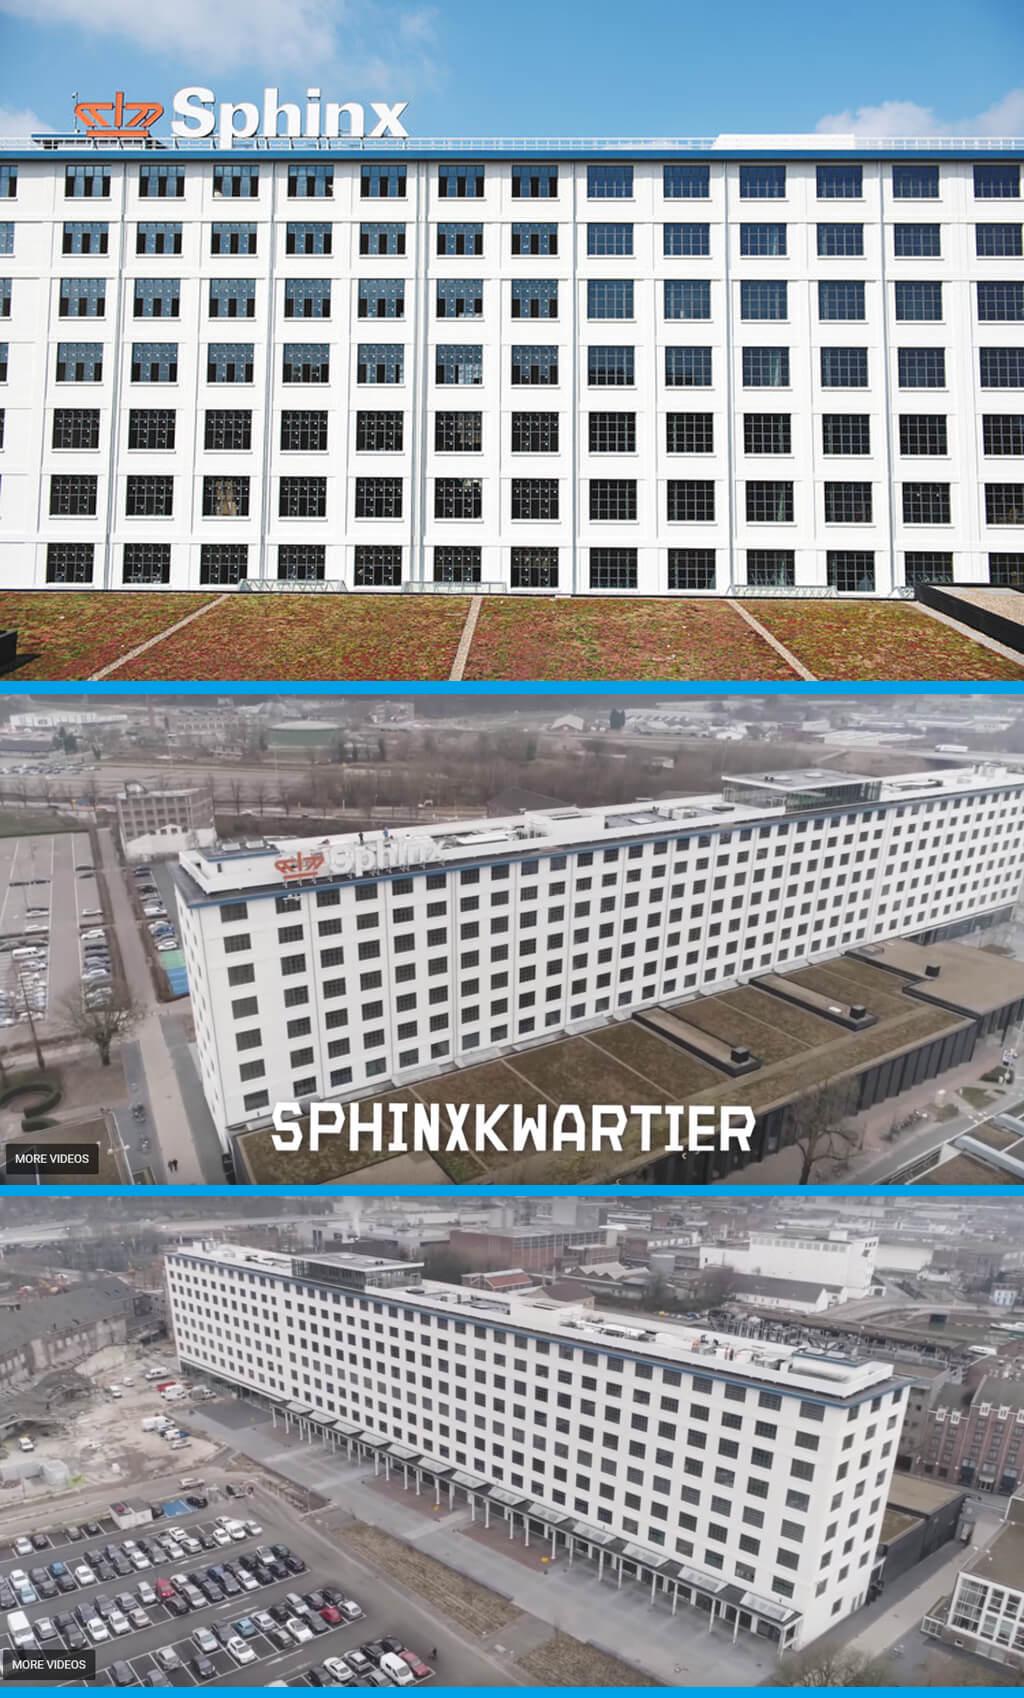 Andra livet för Eiffelbyggnaden i Sphinxkwartier (Sphinx-kvarteret)